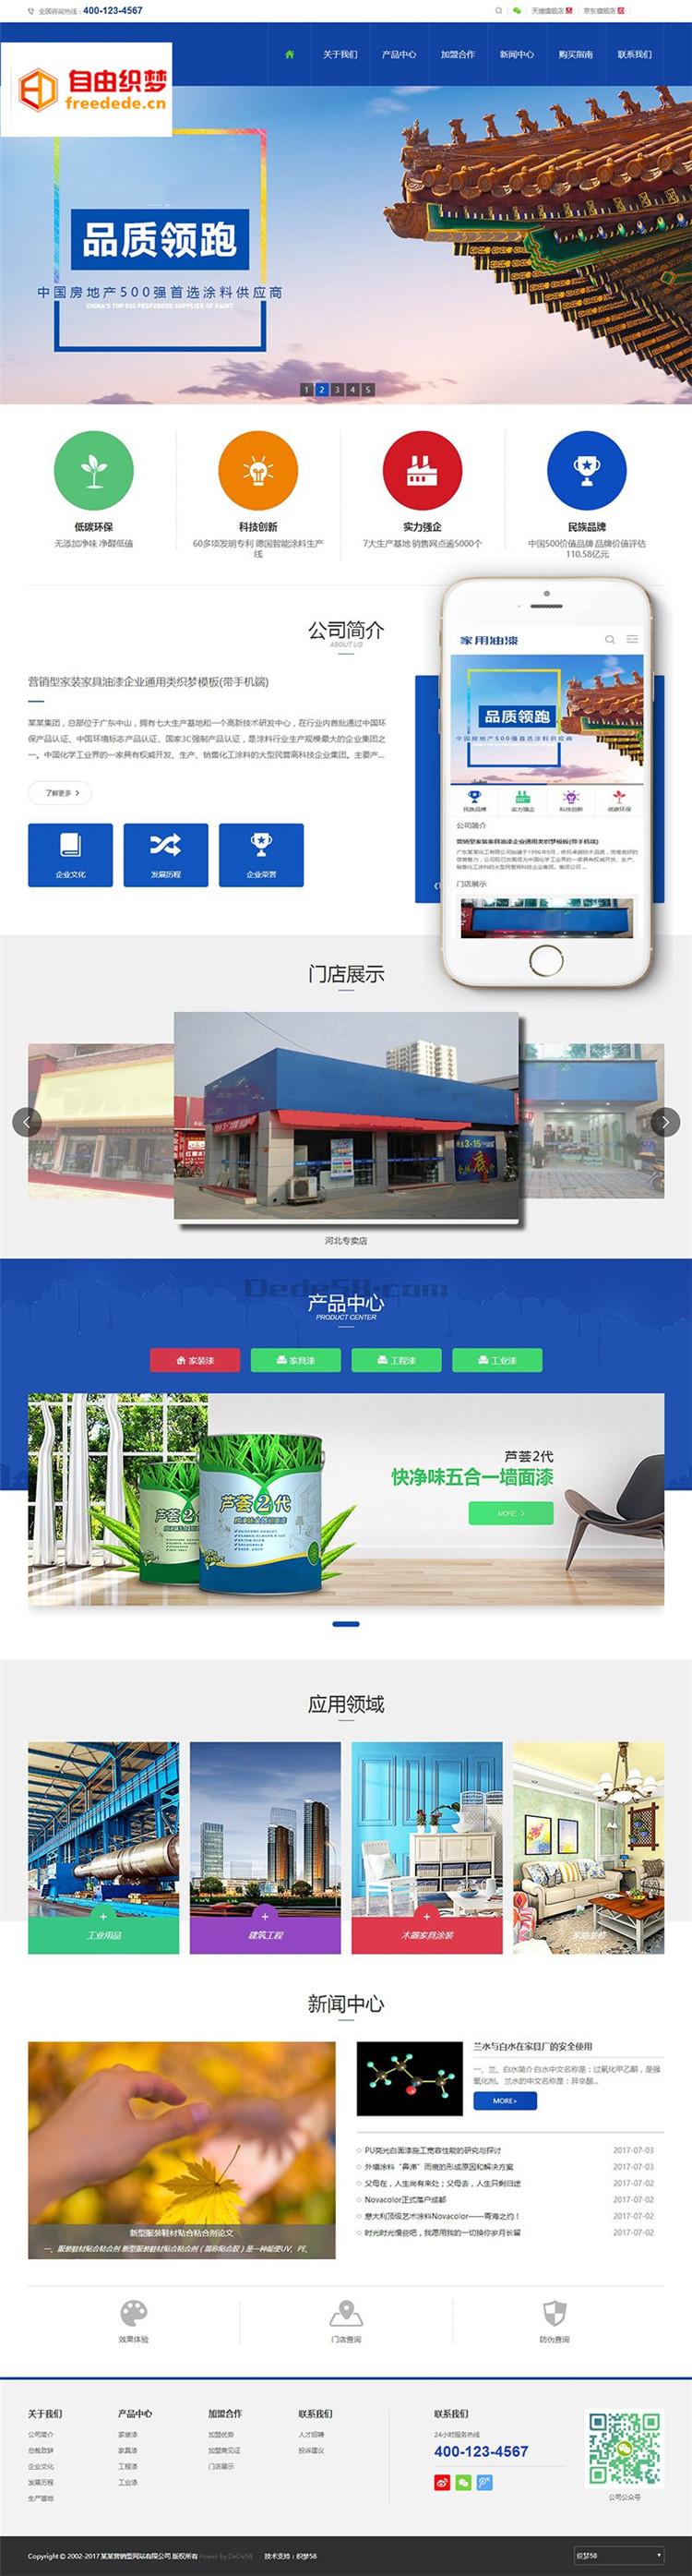 爱上源码网文章营销型家装家具油漆企业通用类织梦模板(带手机端)+PC+wap+利于SEO优化整站源码下载的内容插图